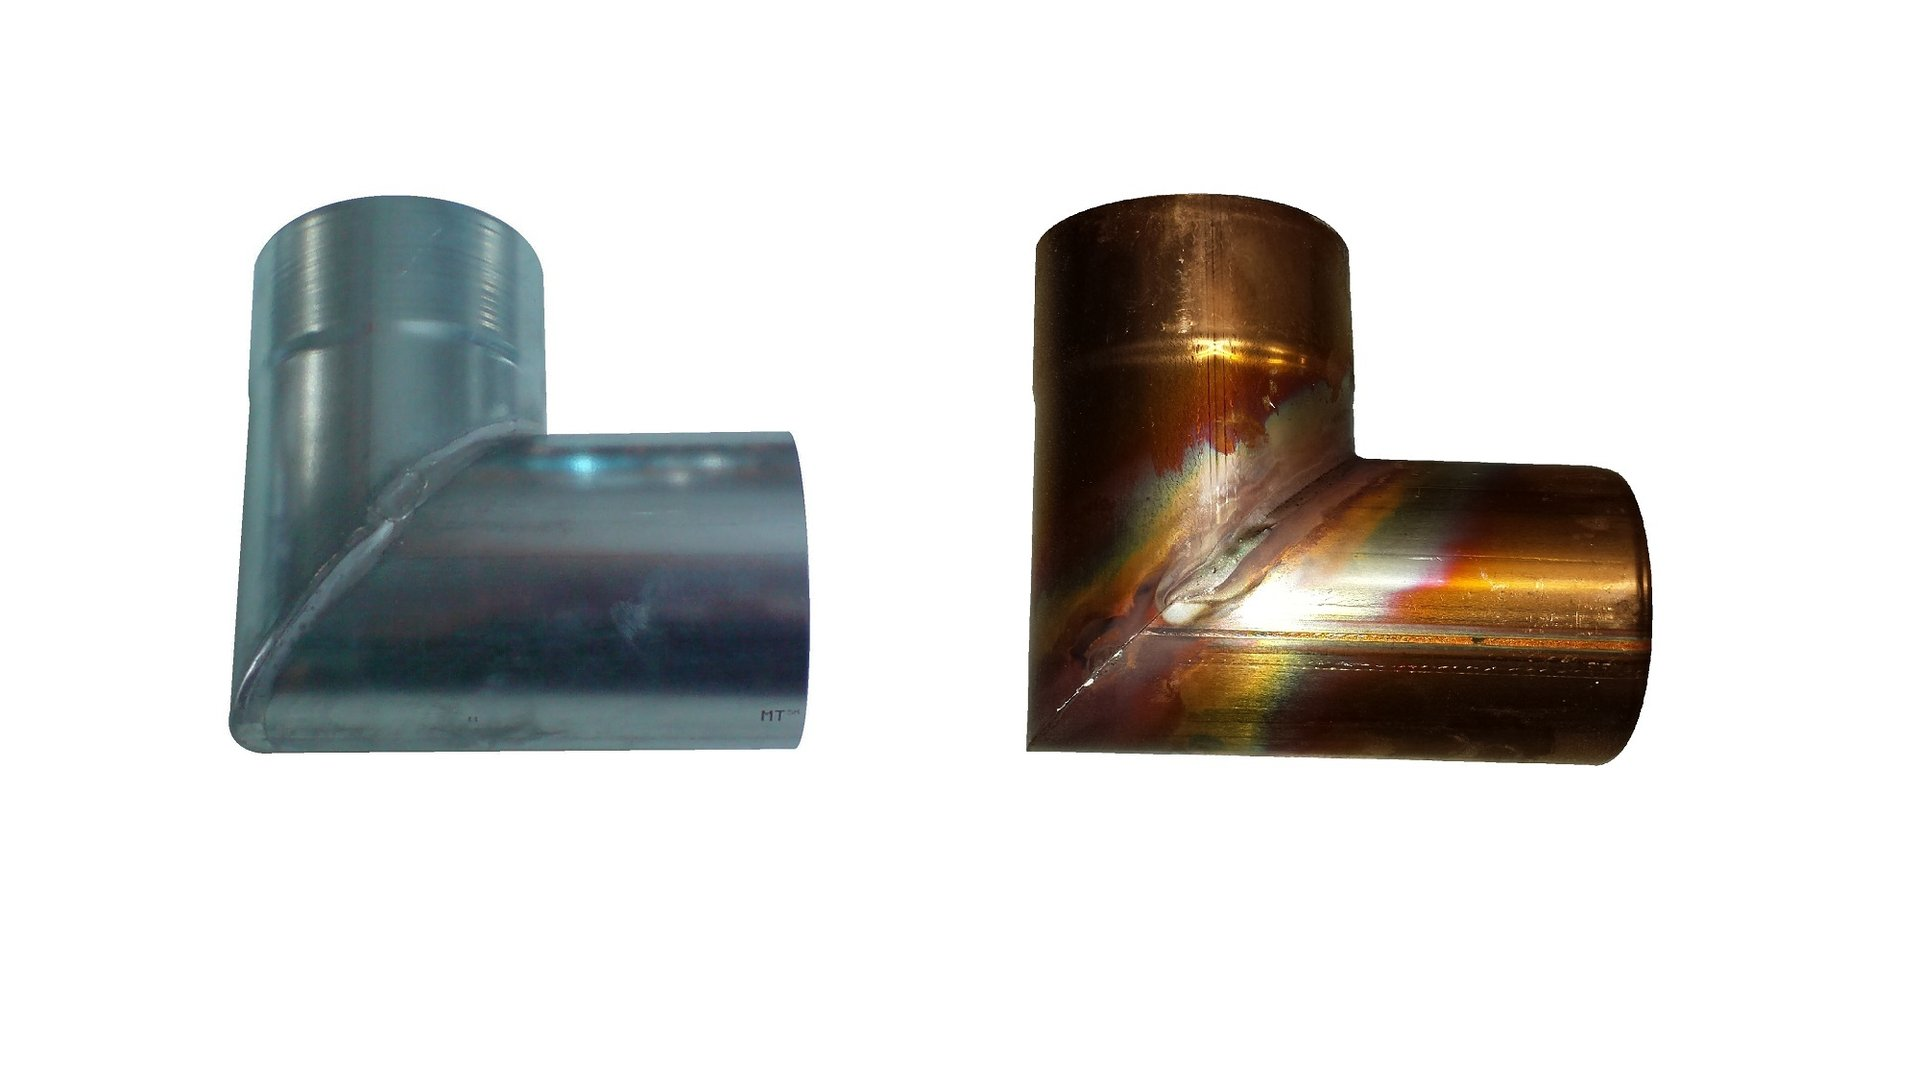 Rohrwinkel Ablaufrohrwinkel Titanzink / Kupfer Metall in Form